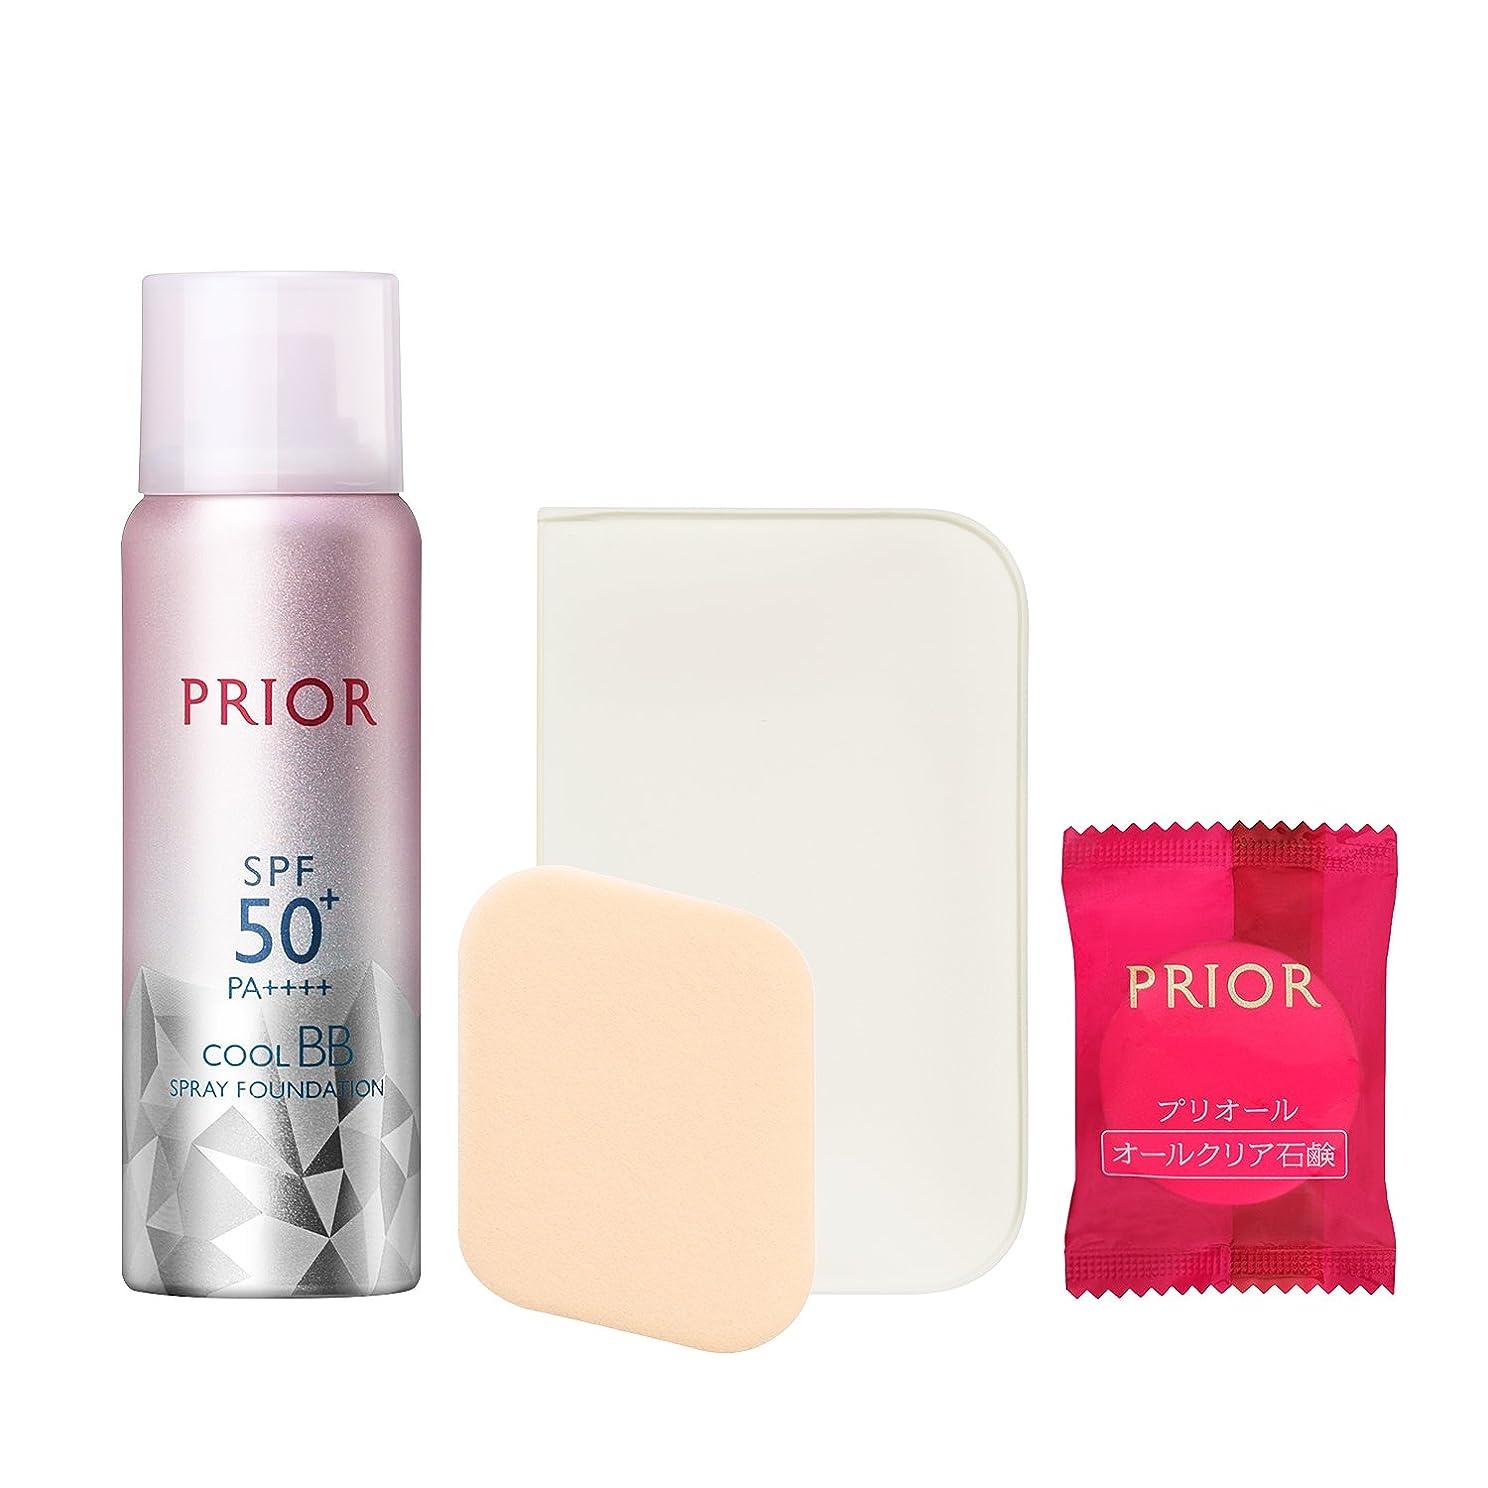 ルアー公平な選ぶプリオール クール美つやBBスプレー UV 50 ライト b 50g